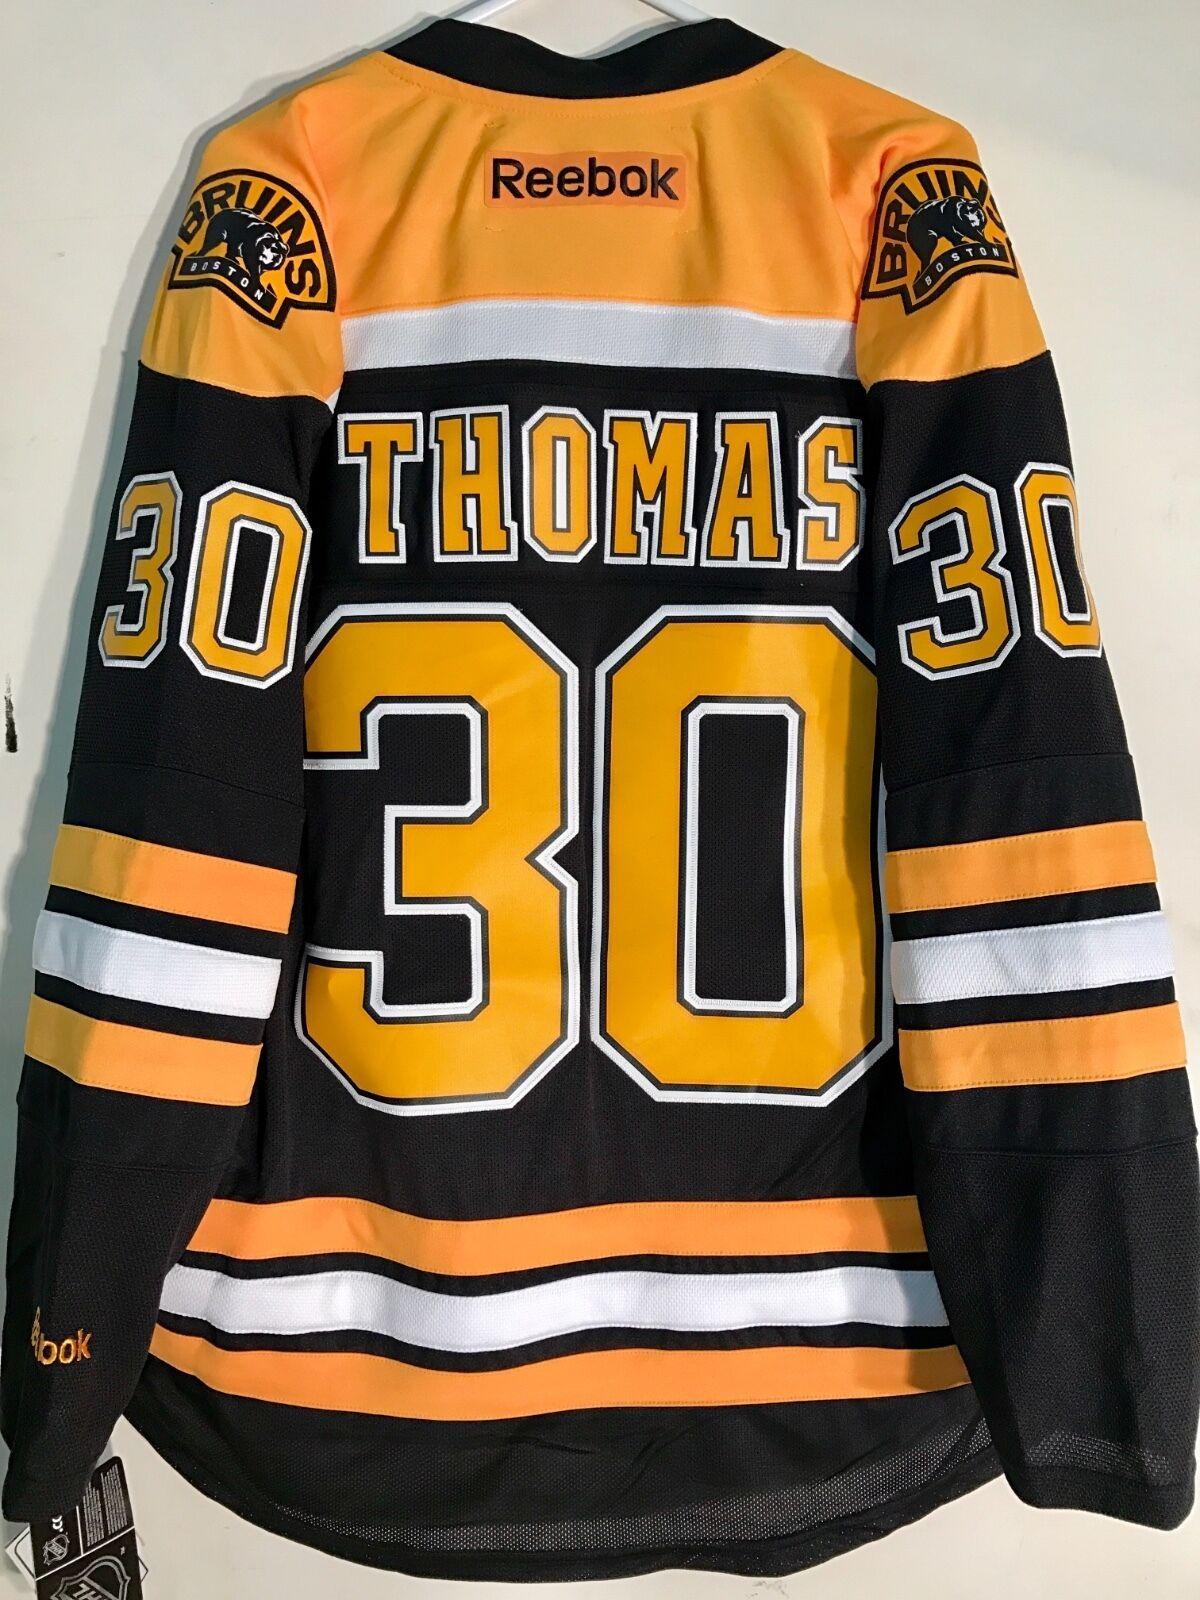 273c3b8cc52 Details about Reebok Premier NHL Jersey Boston Bruins Tim Thomas ...